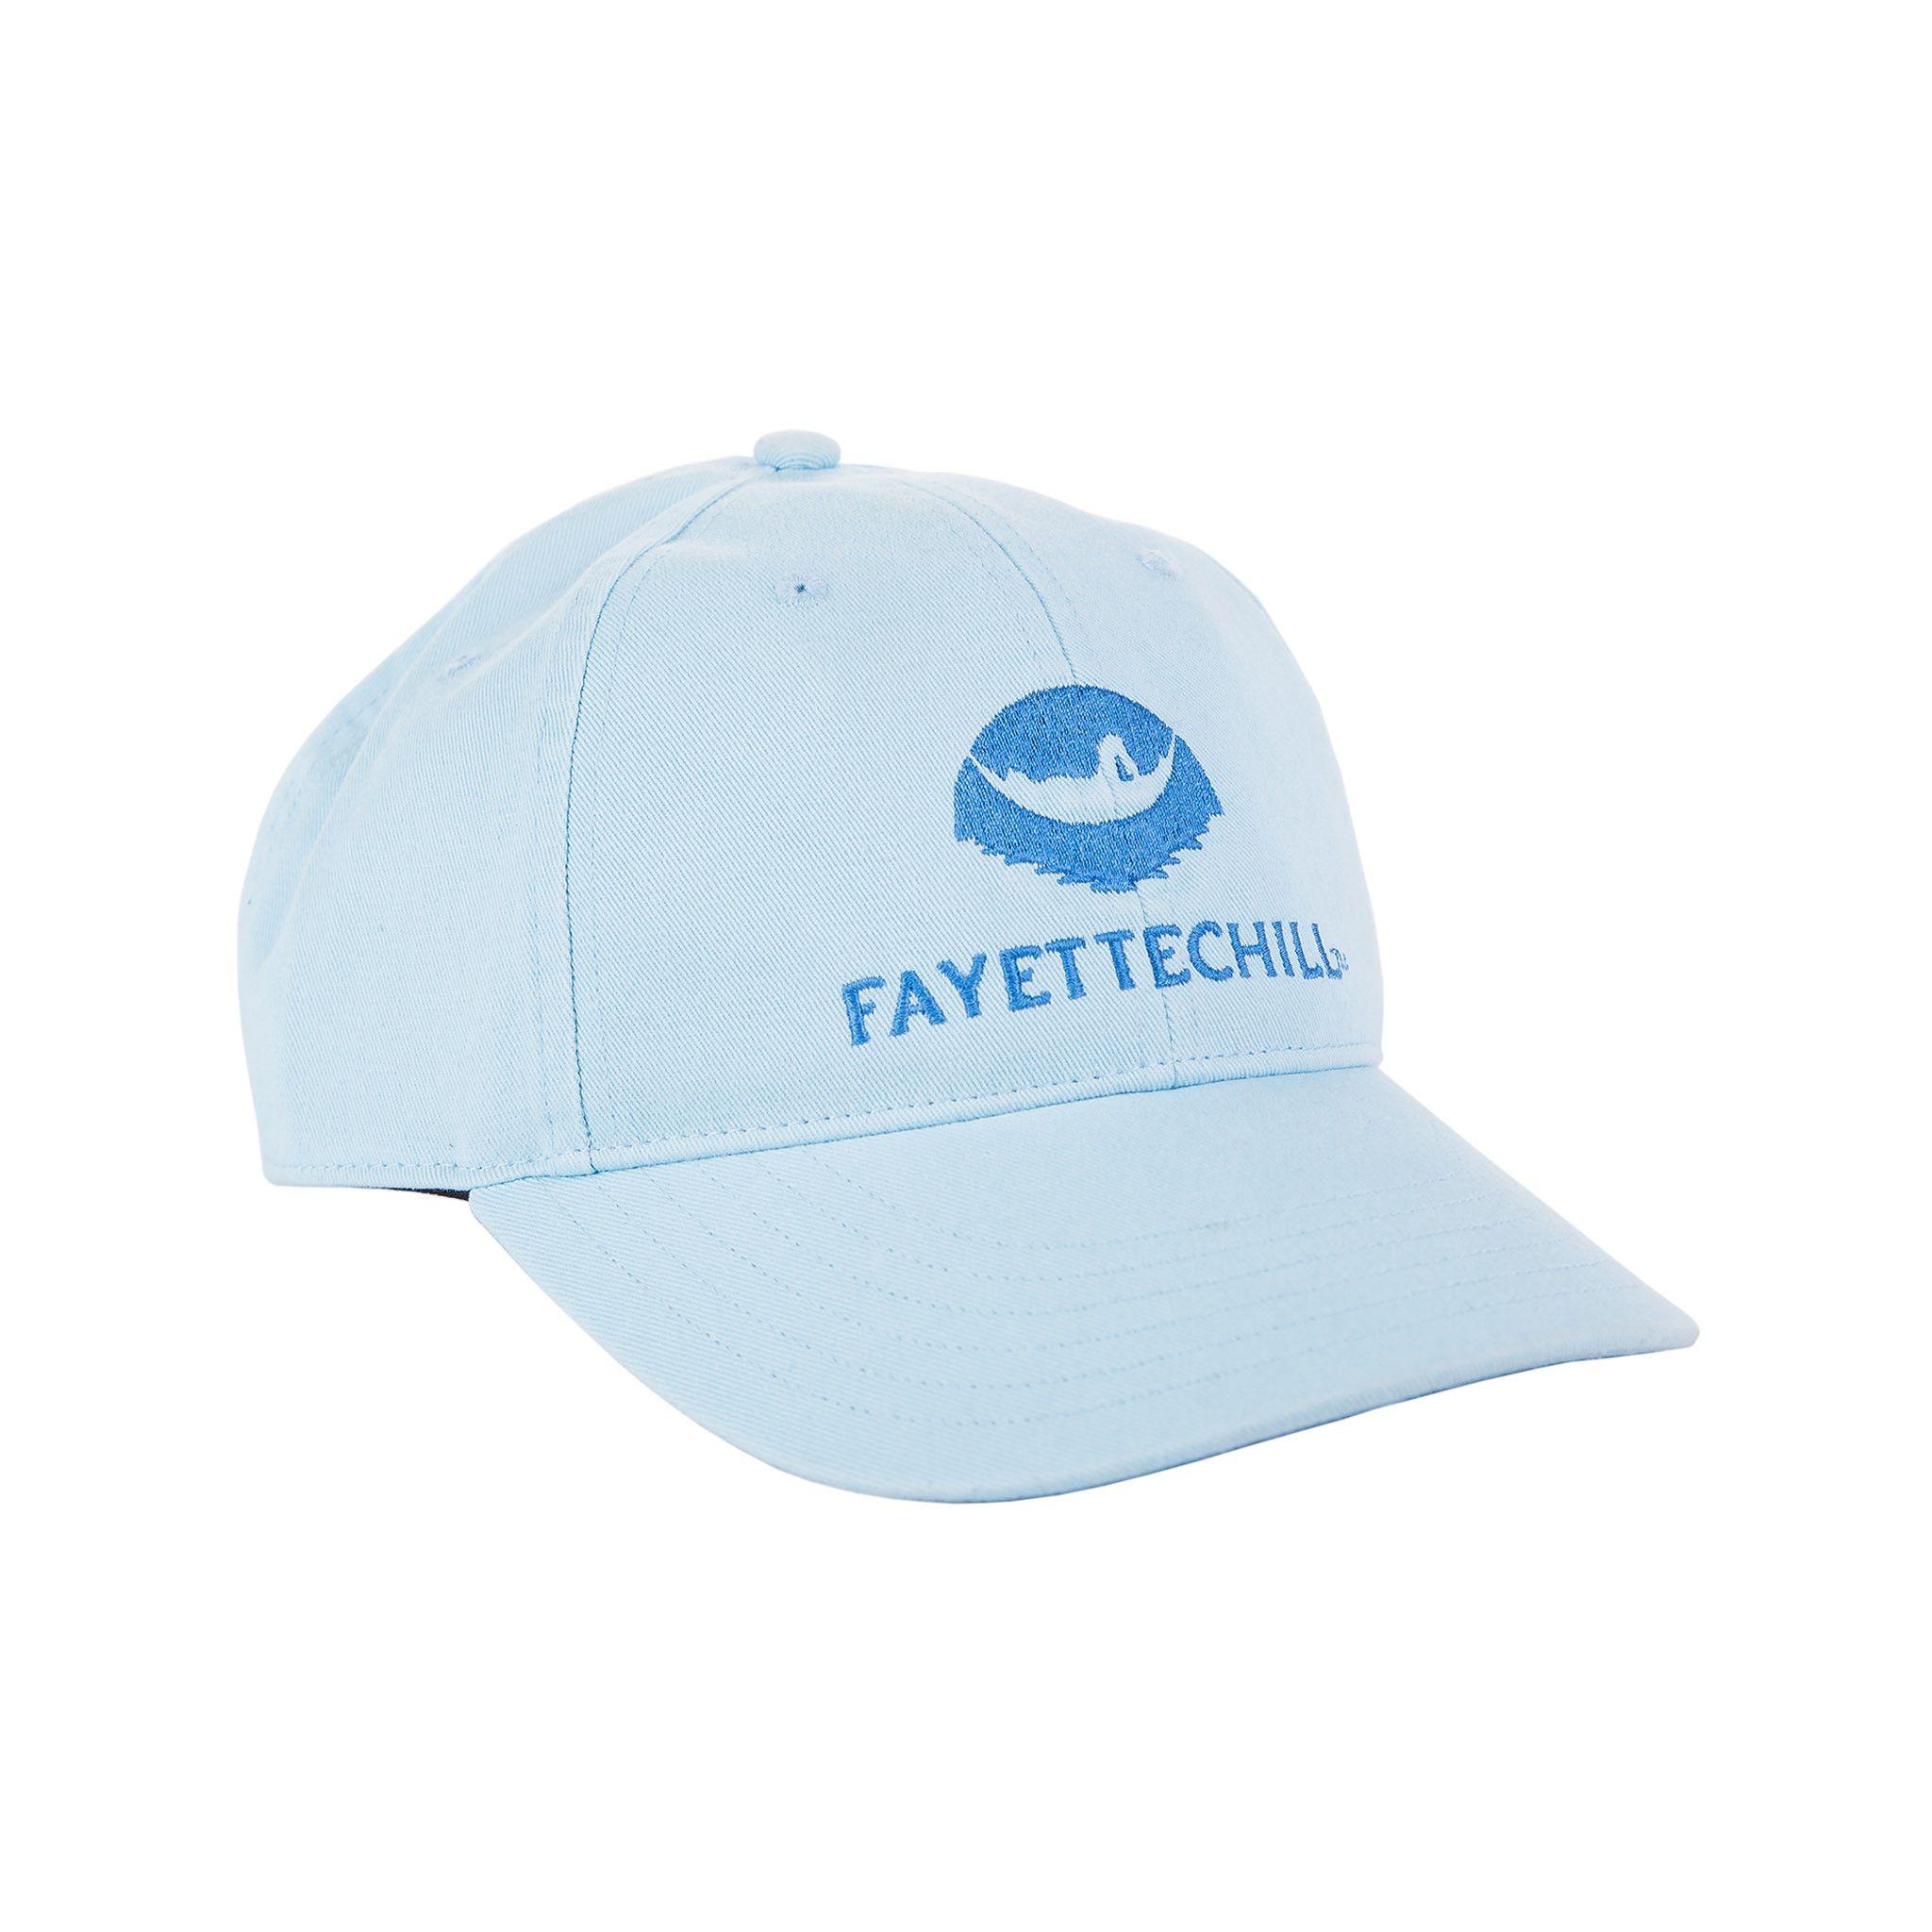 ***3/5*** Fayettechill Women's Chino powder blue